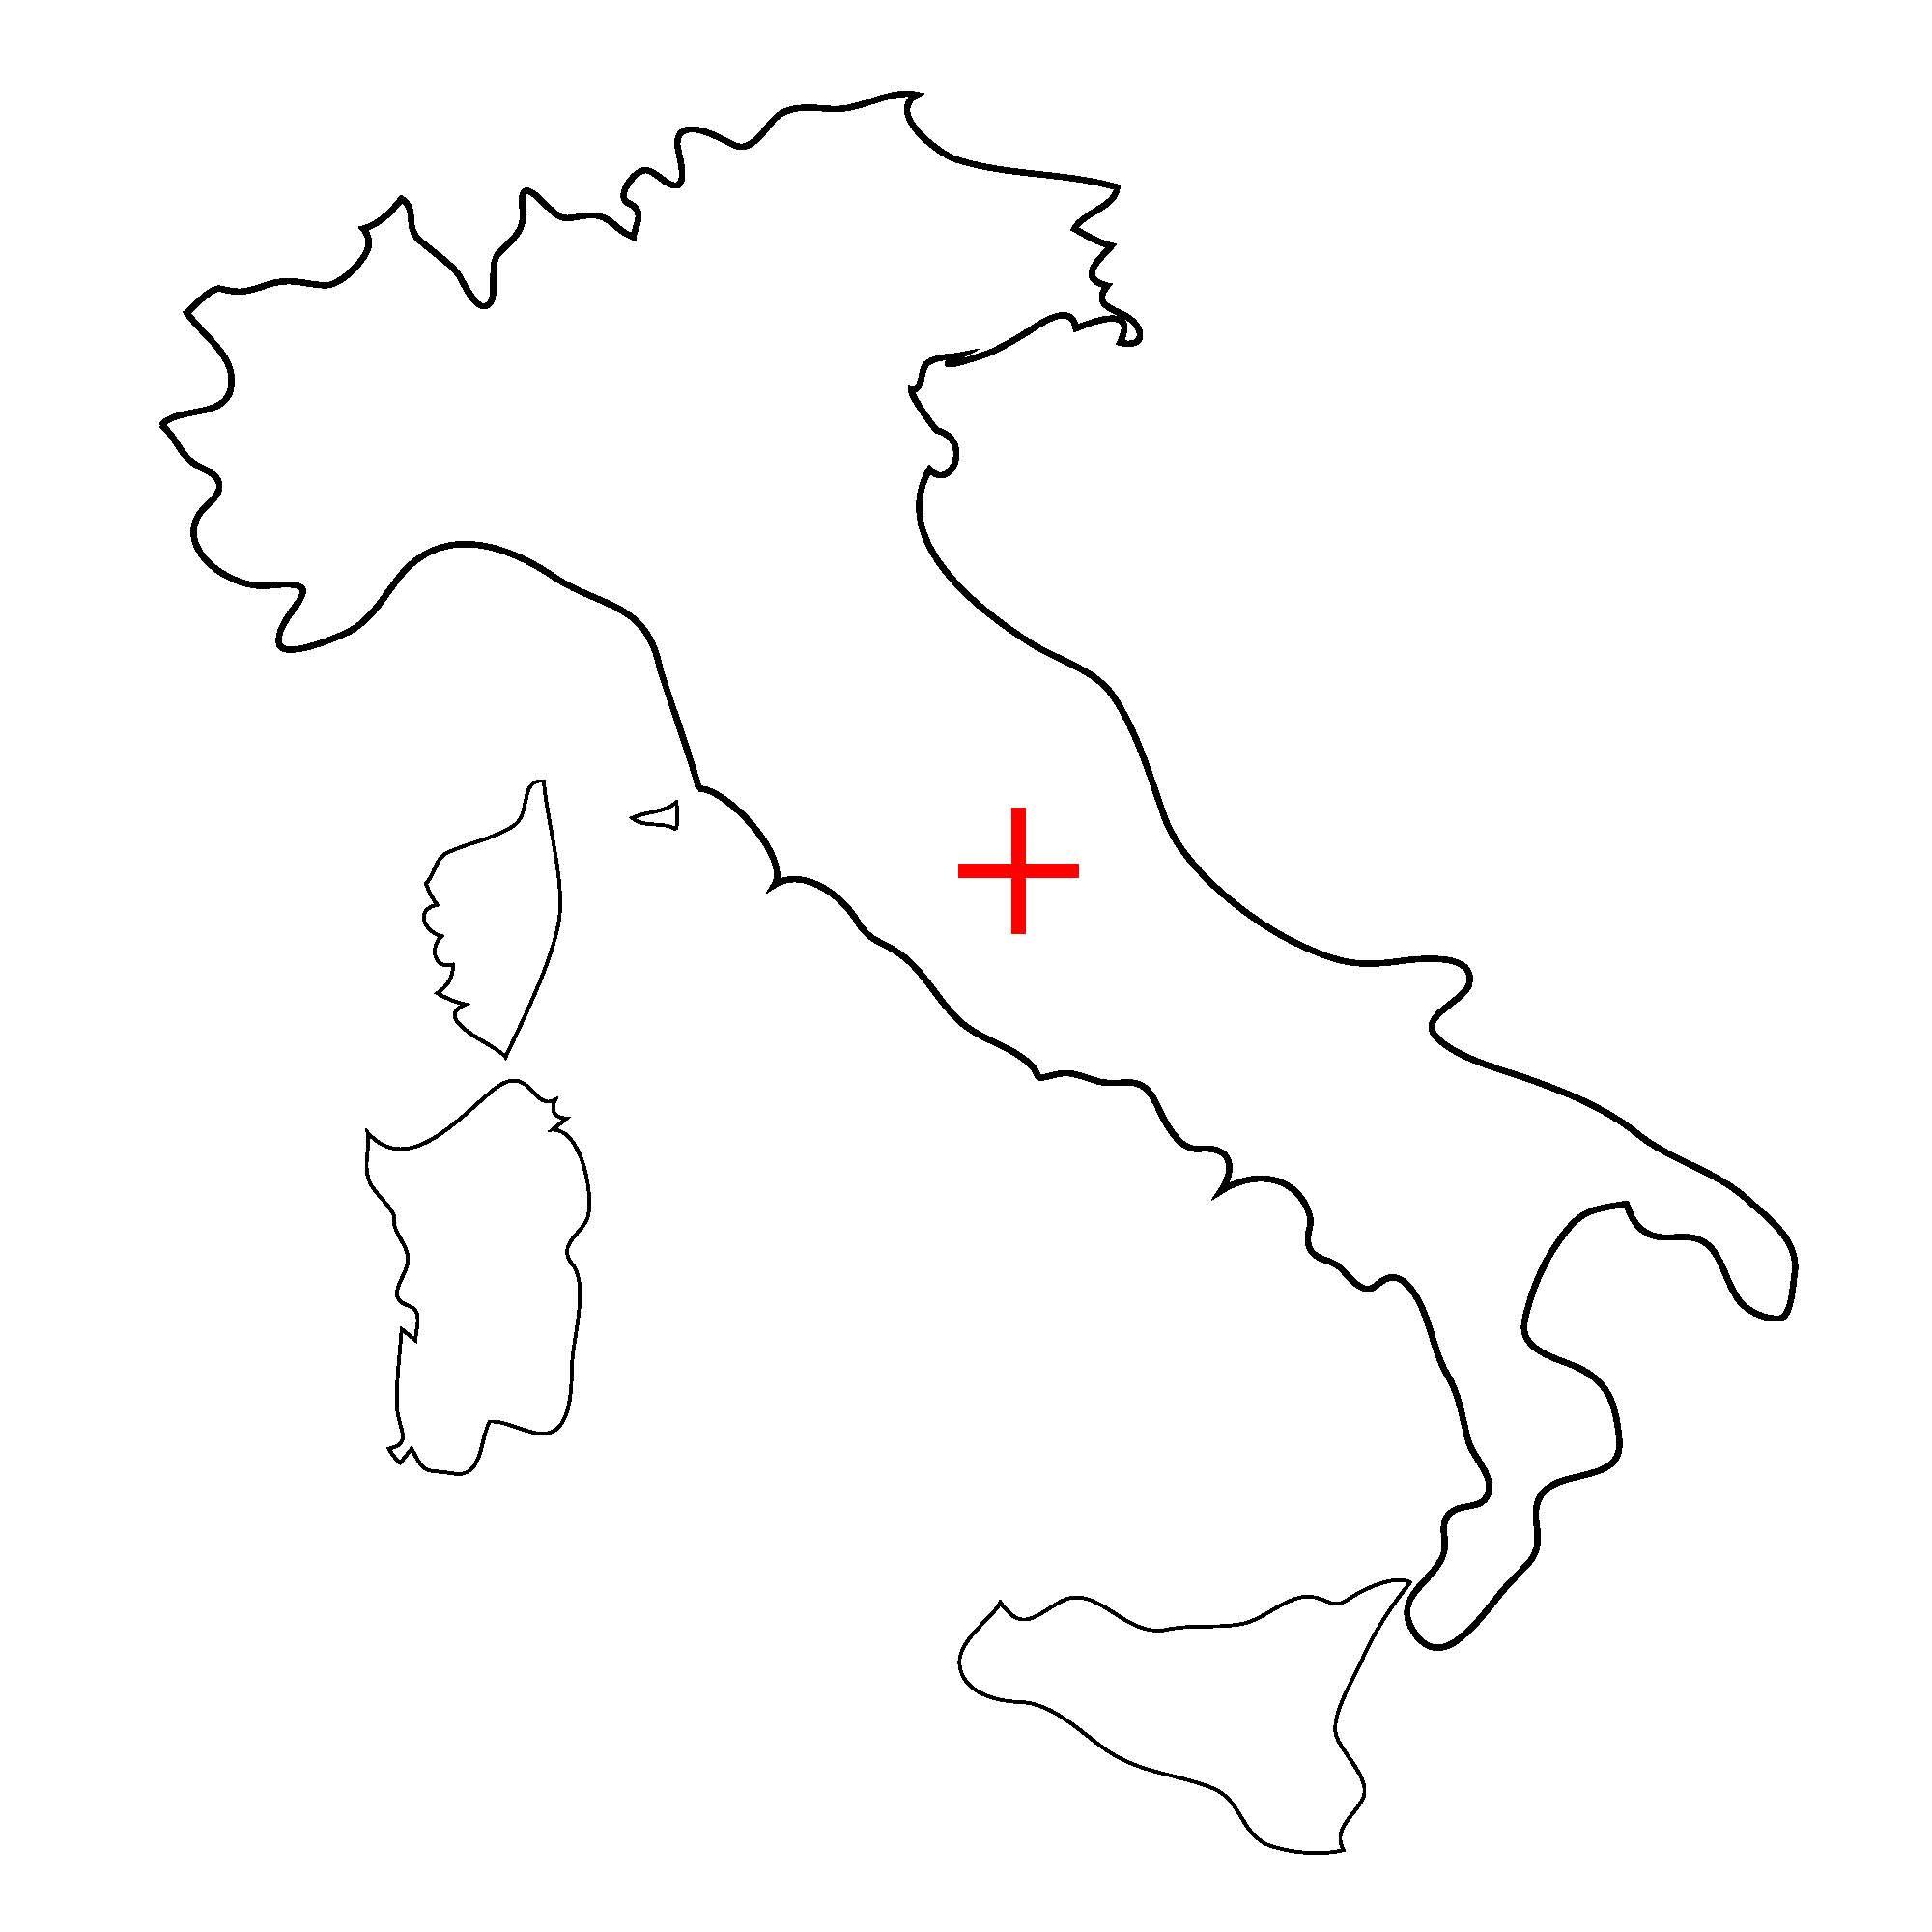 ANTRODOCO, ITALY - MAY 2016 - 3 Days